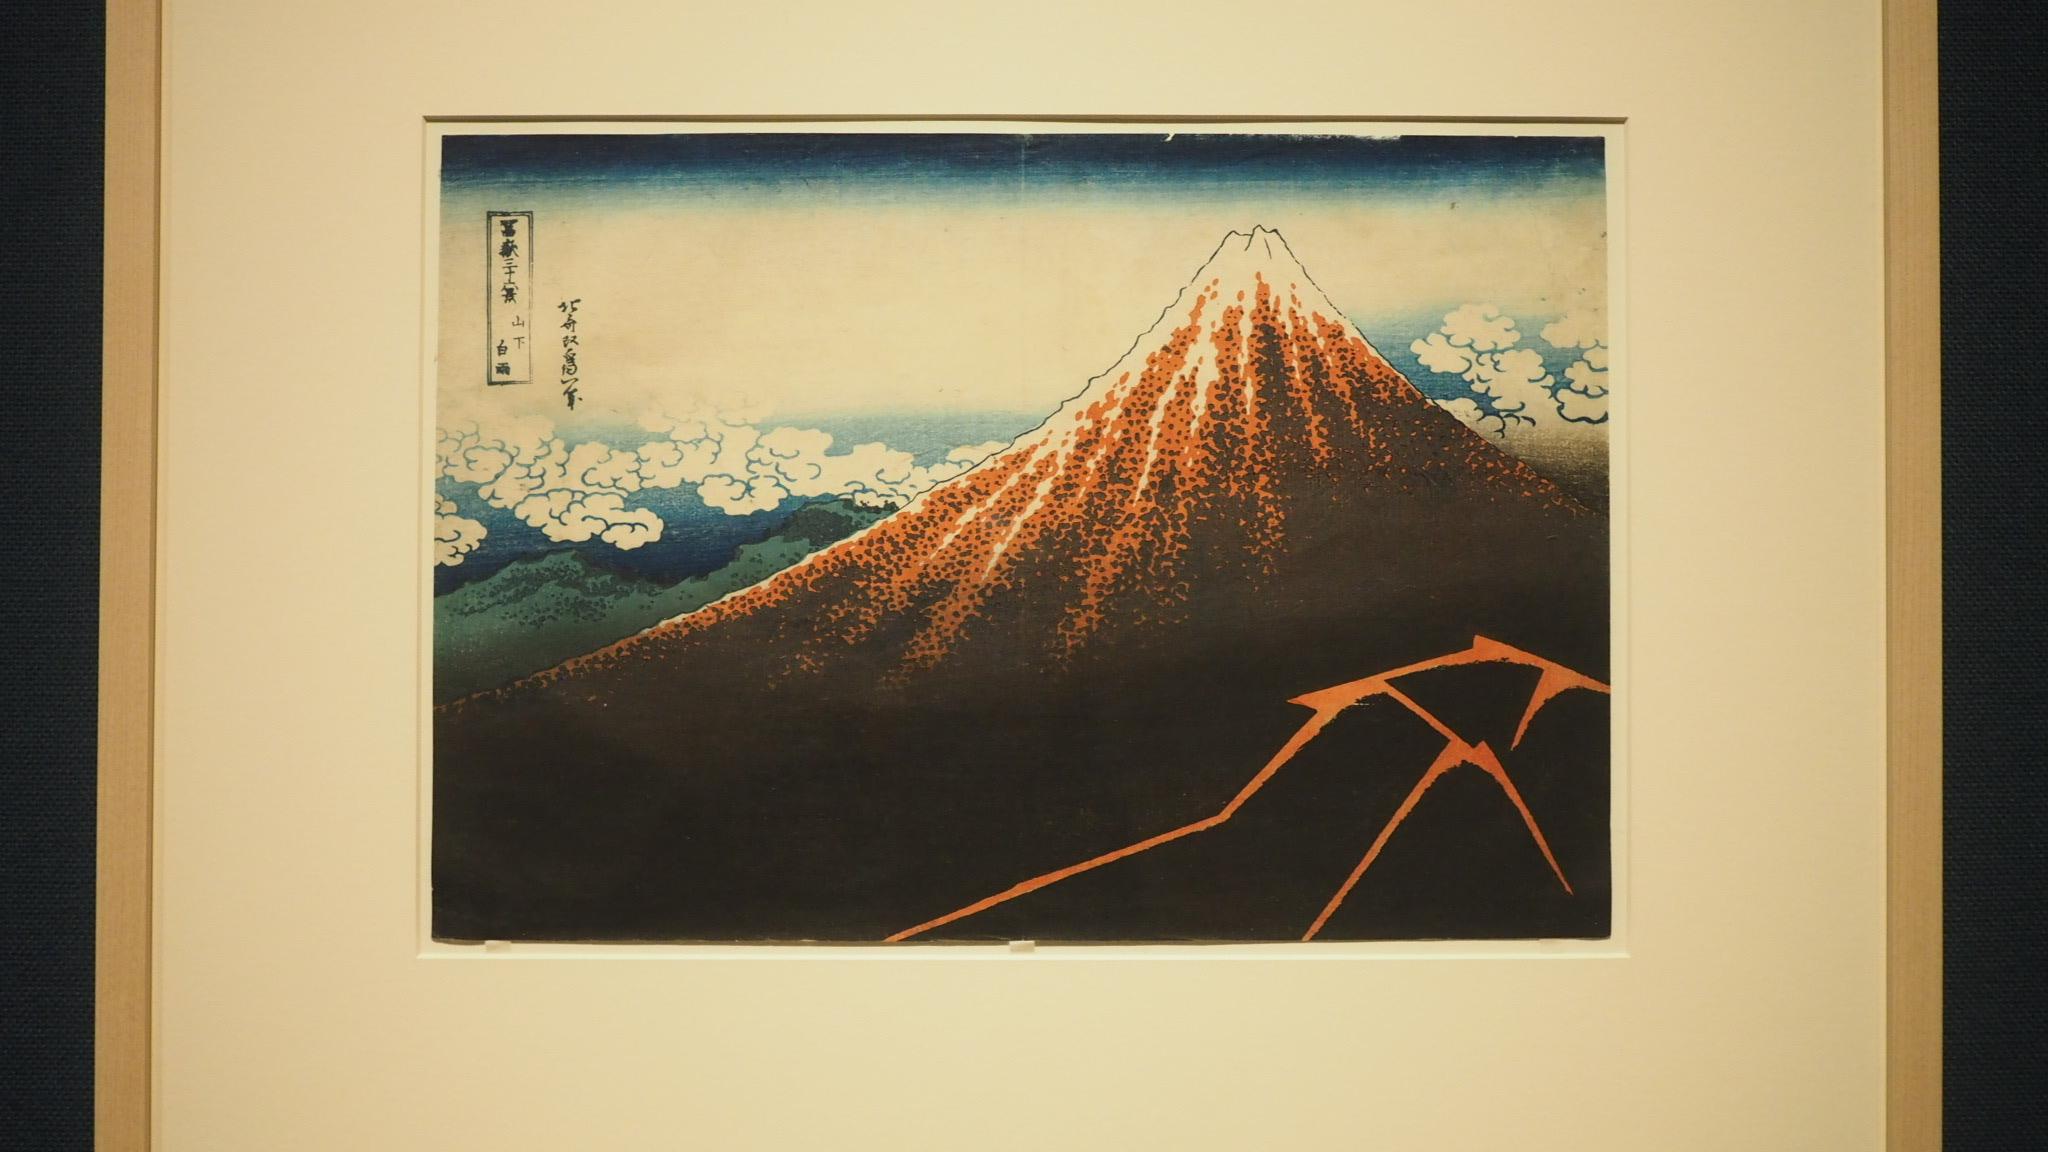 時代を超えて生き続ける日本絵画のデザインの魅力に迫る!/ミネアポリス美術館日本絵画の名品展